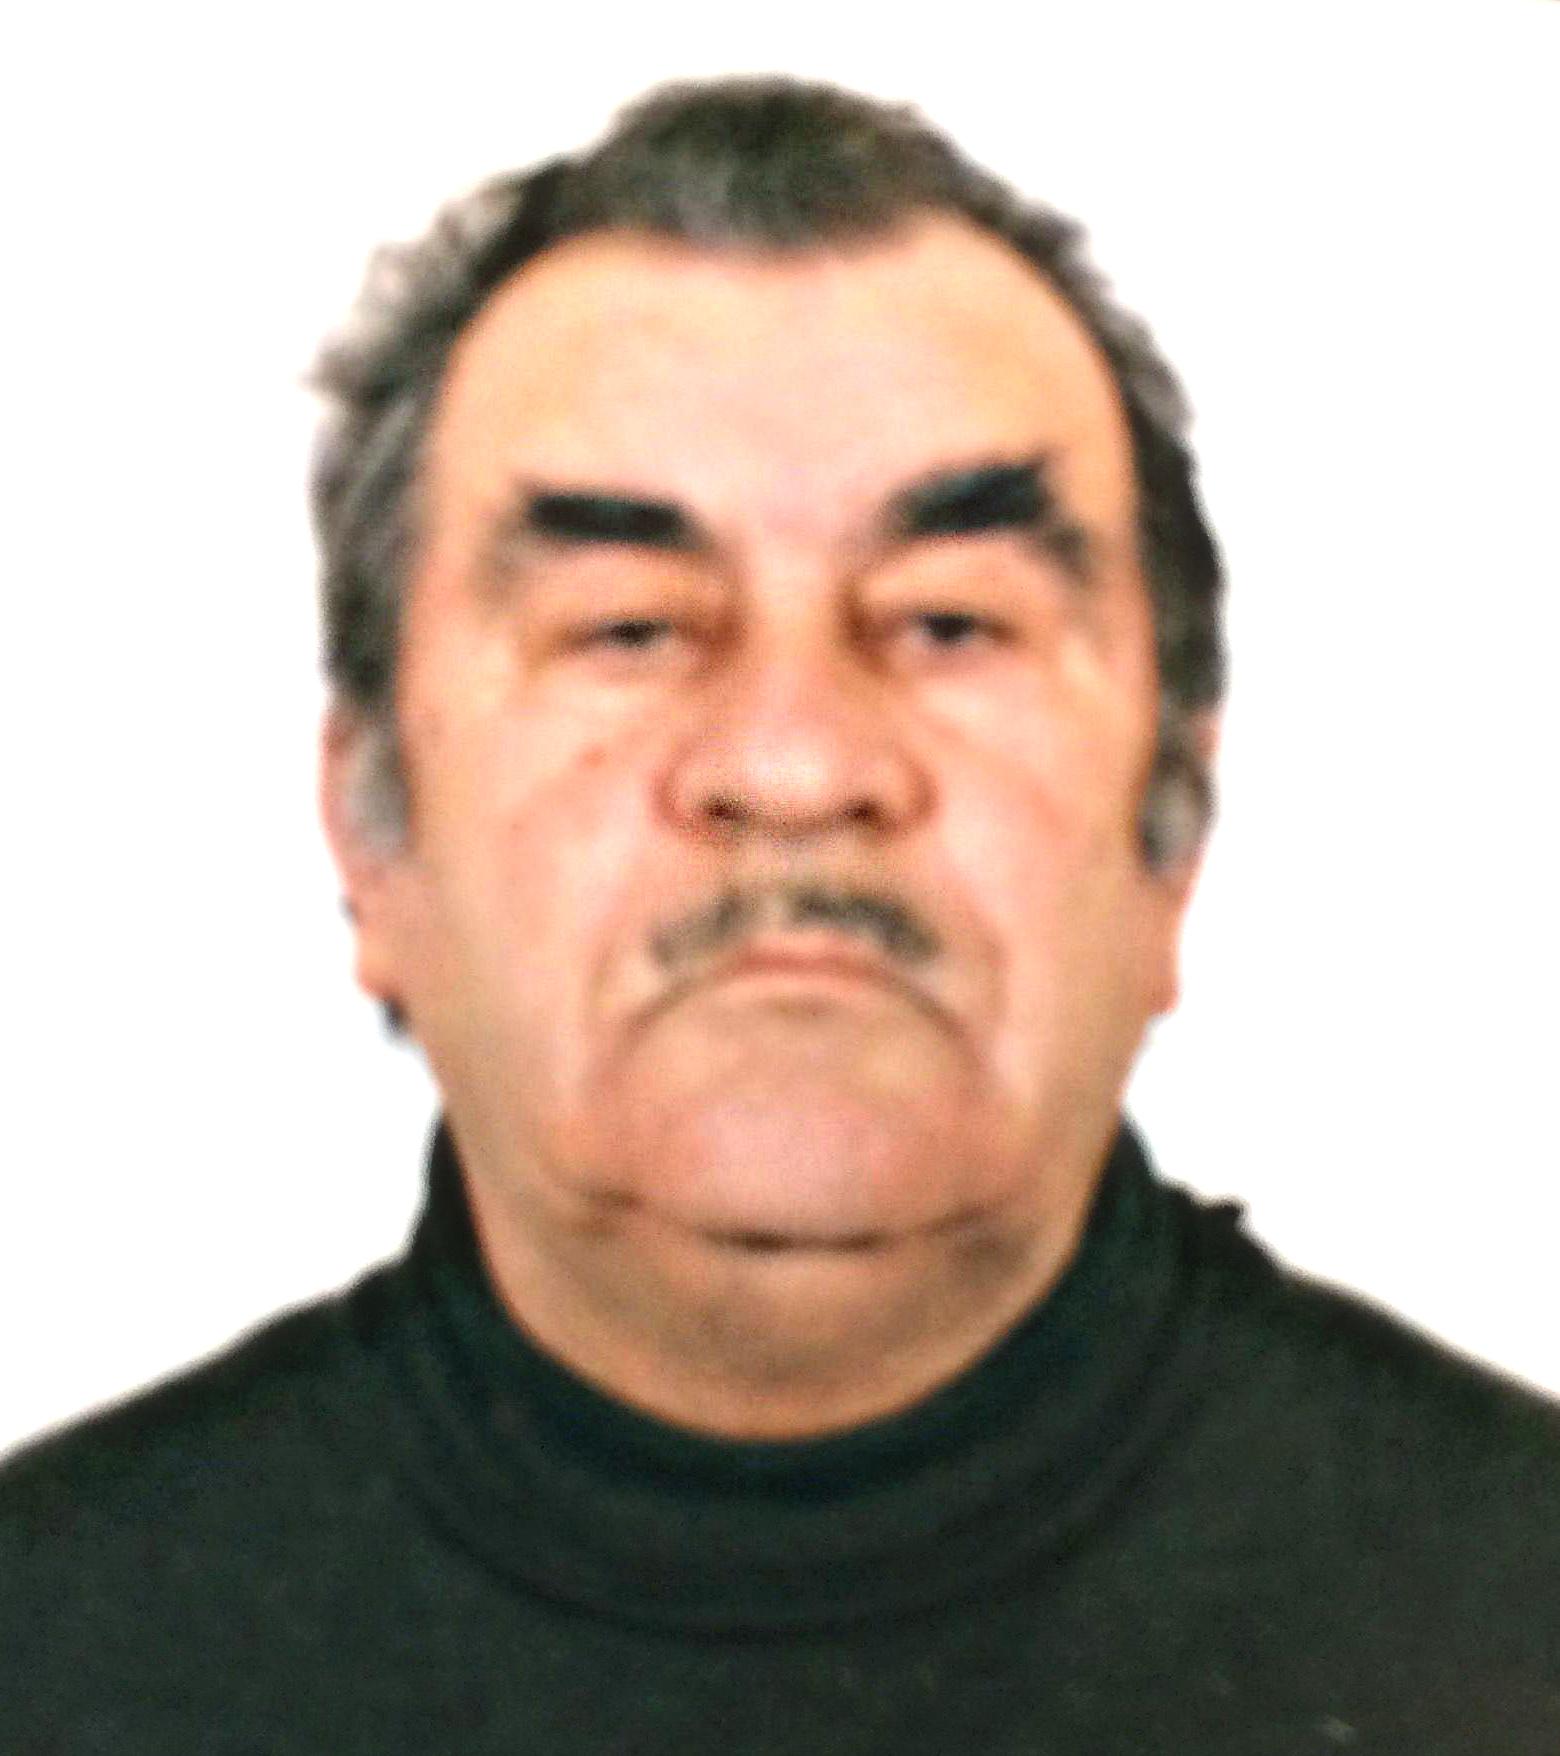 Karlen Matevosov